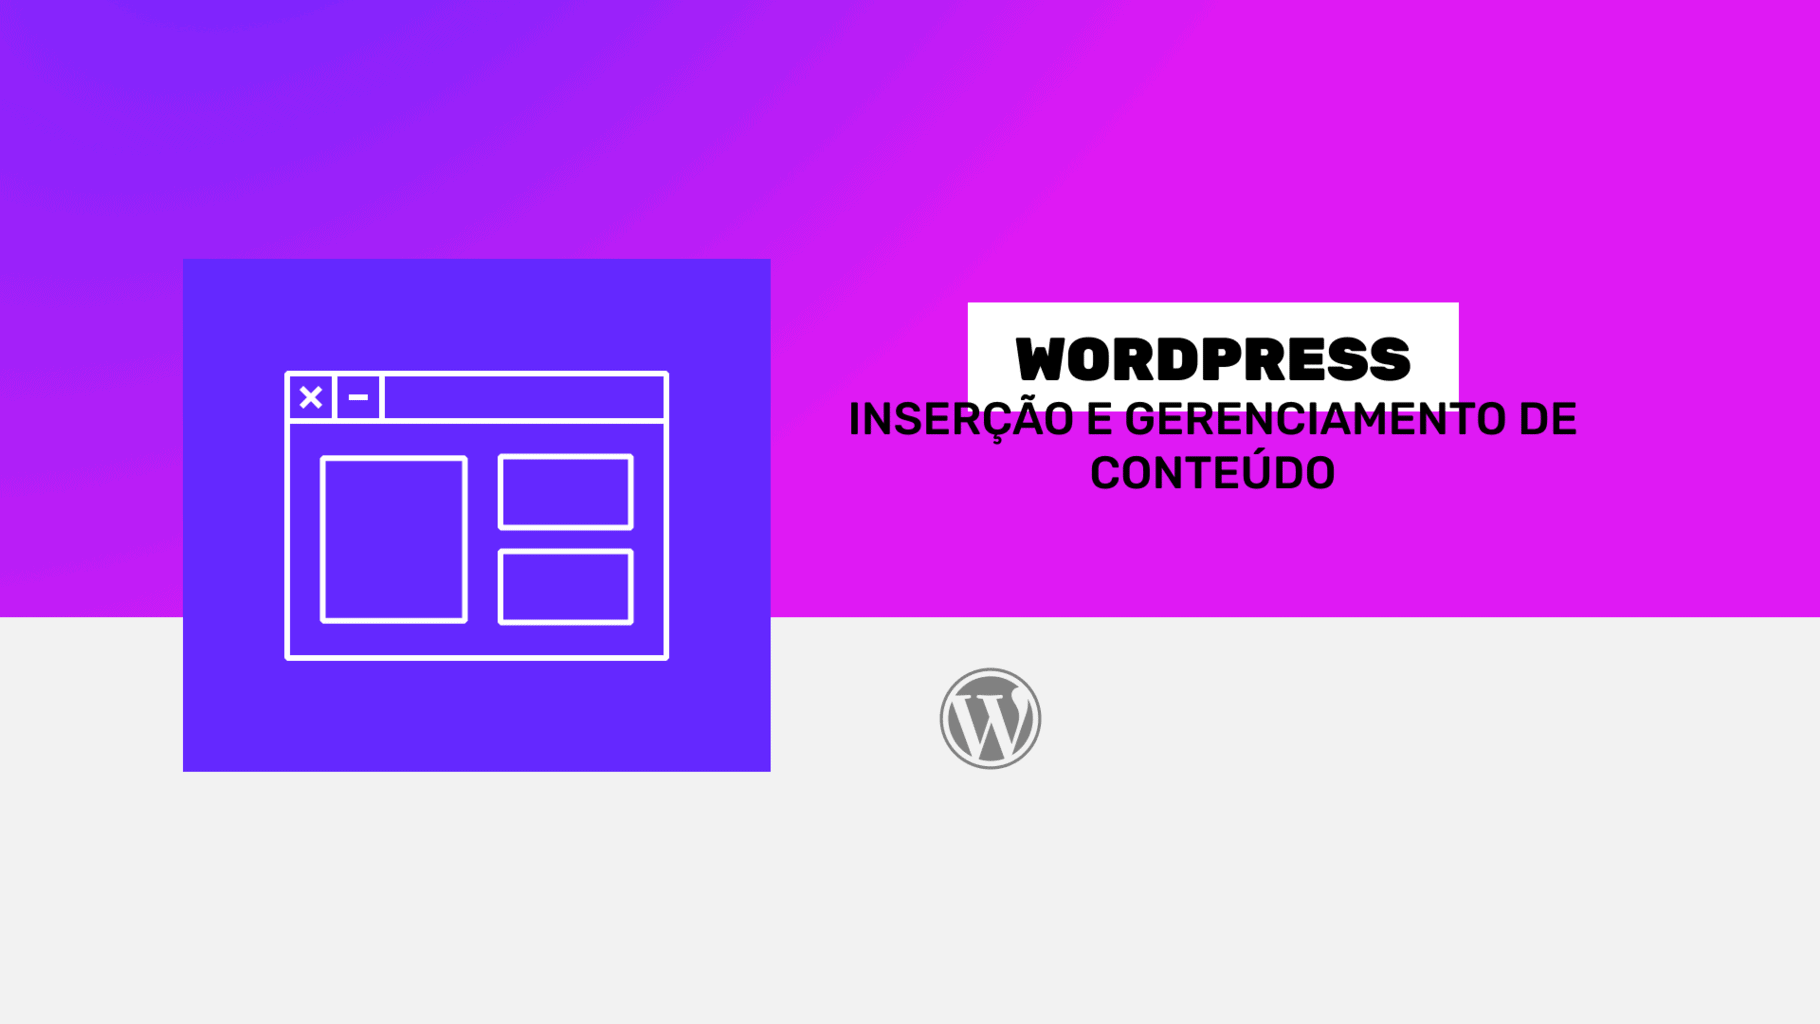 WordPress - Inserção e Gerenciamento de Conteúdo